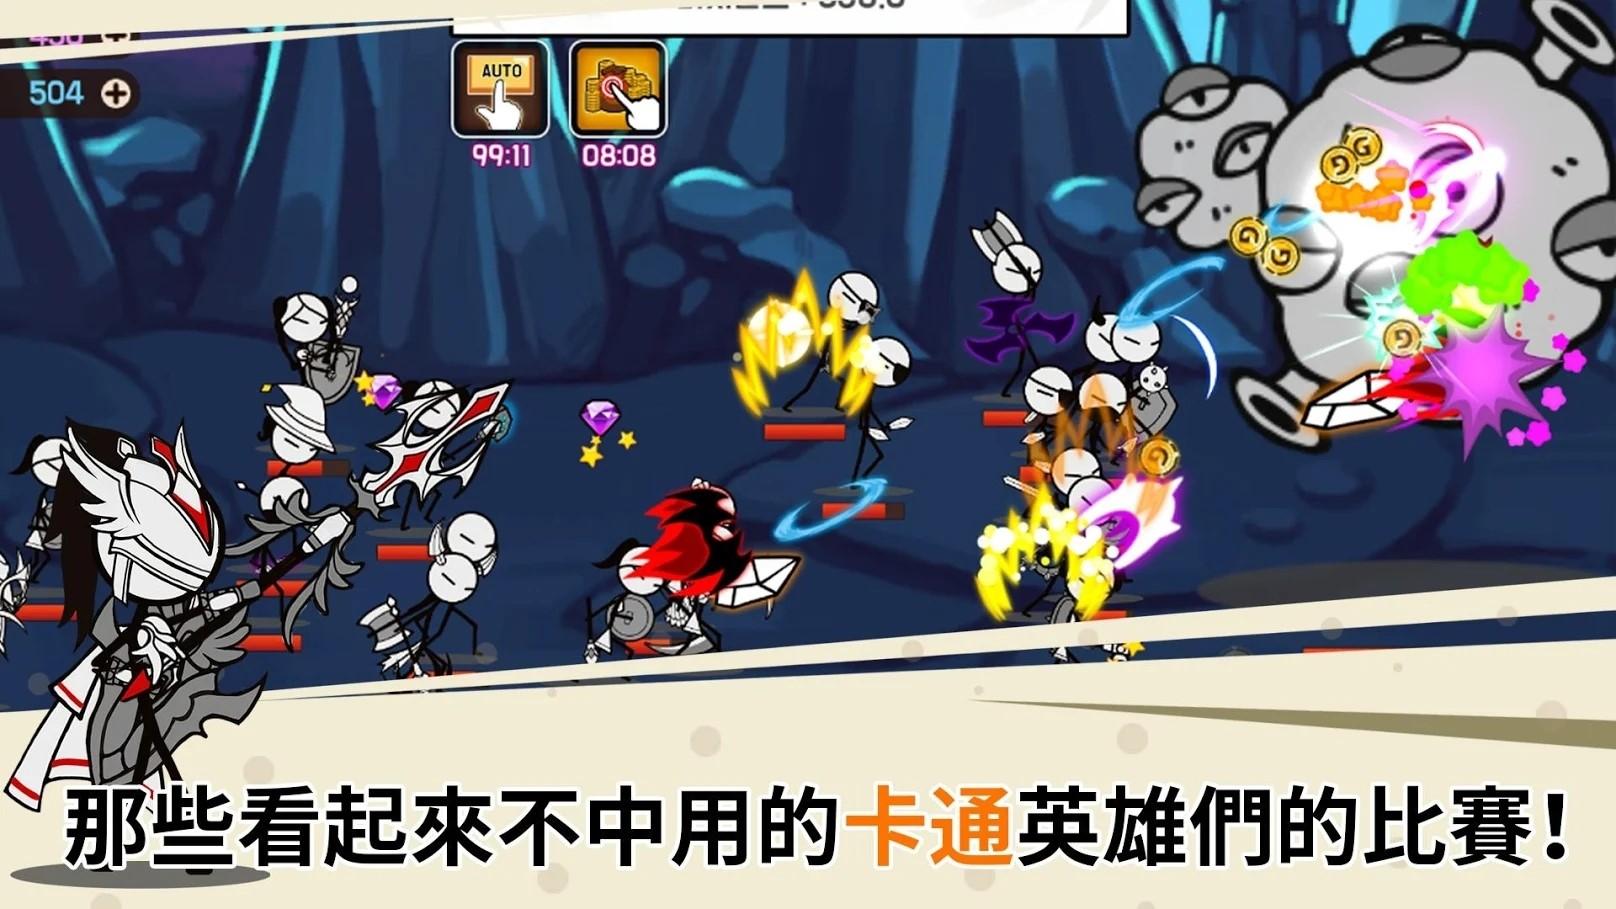 卡通传说无限金币版游戏截图